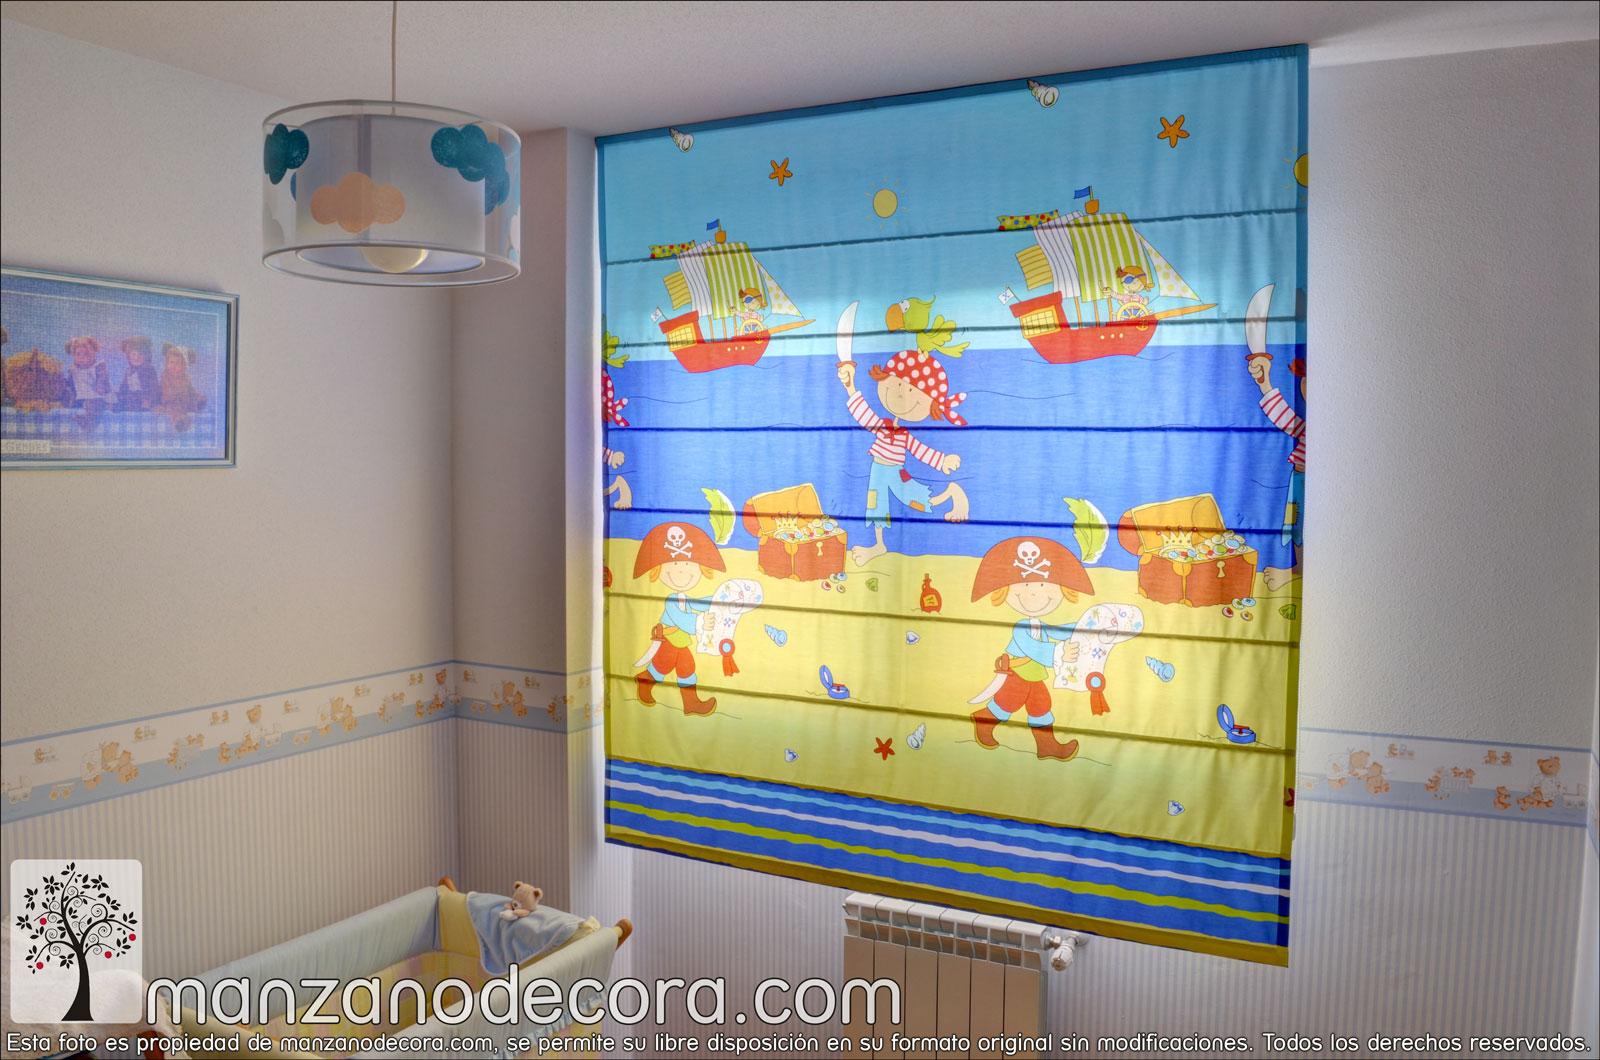 Estores de varillas cortinas manzanodecora for Tipos de cortinas y estores